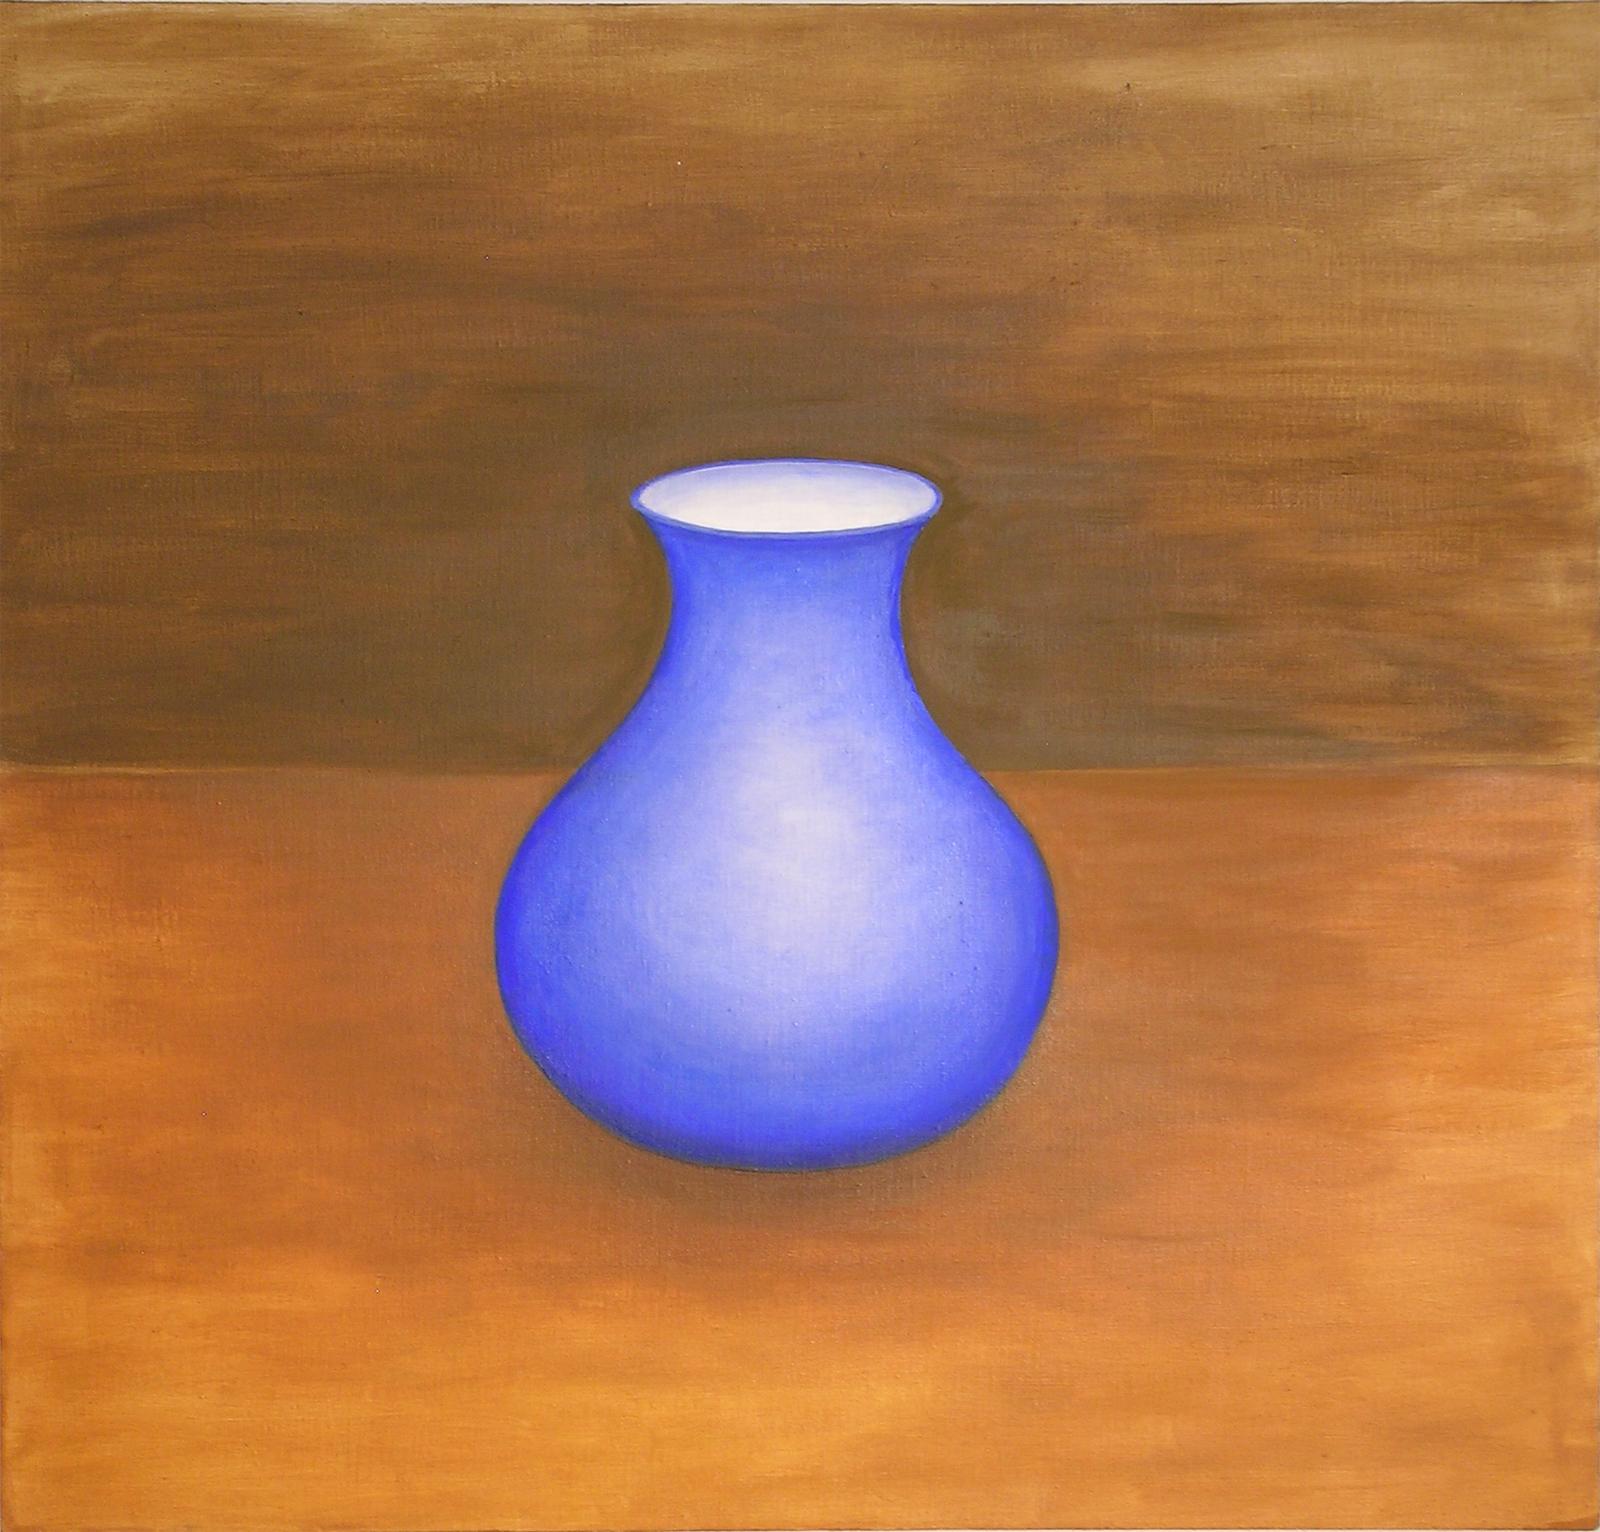 9.Blue Vase, Berlin.jpg